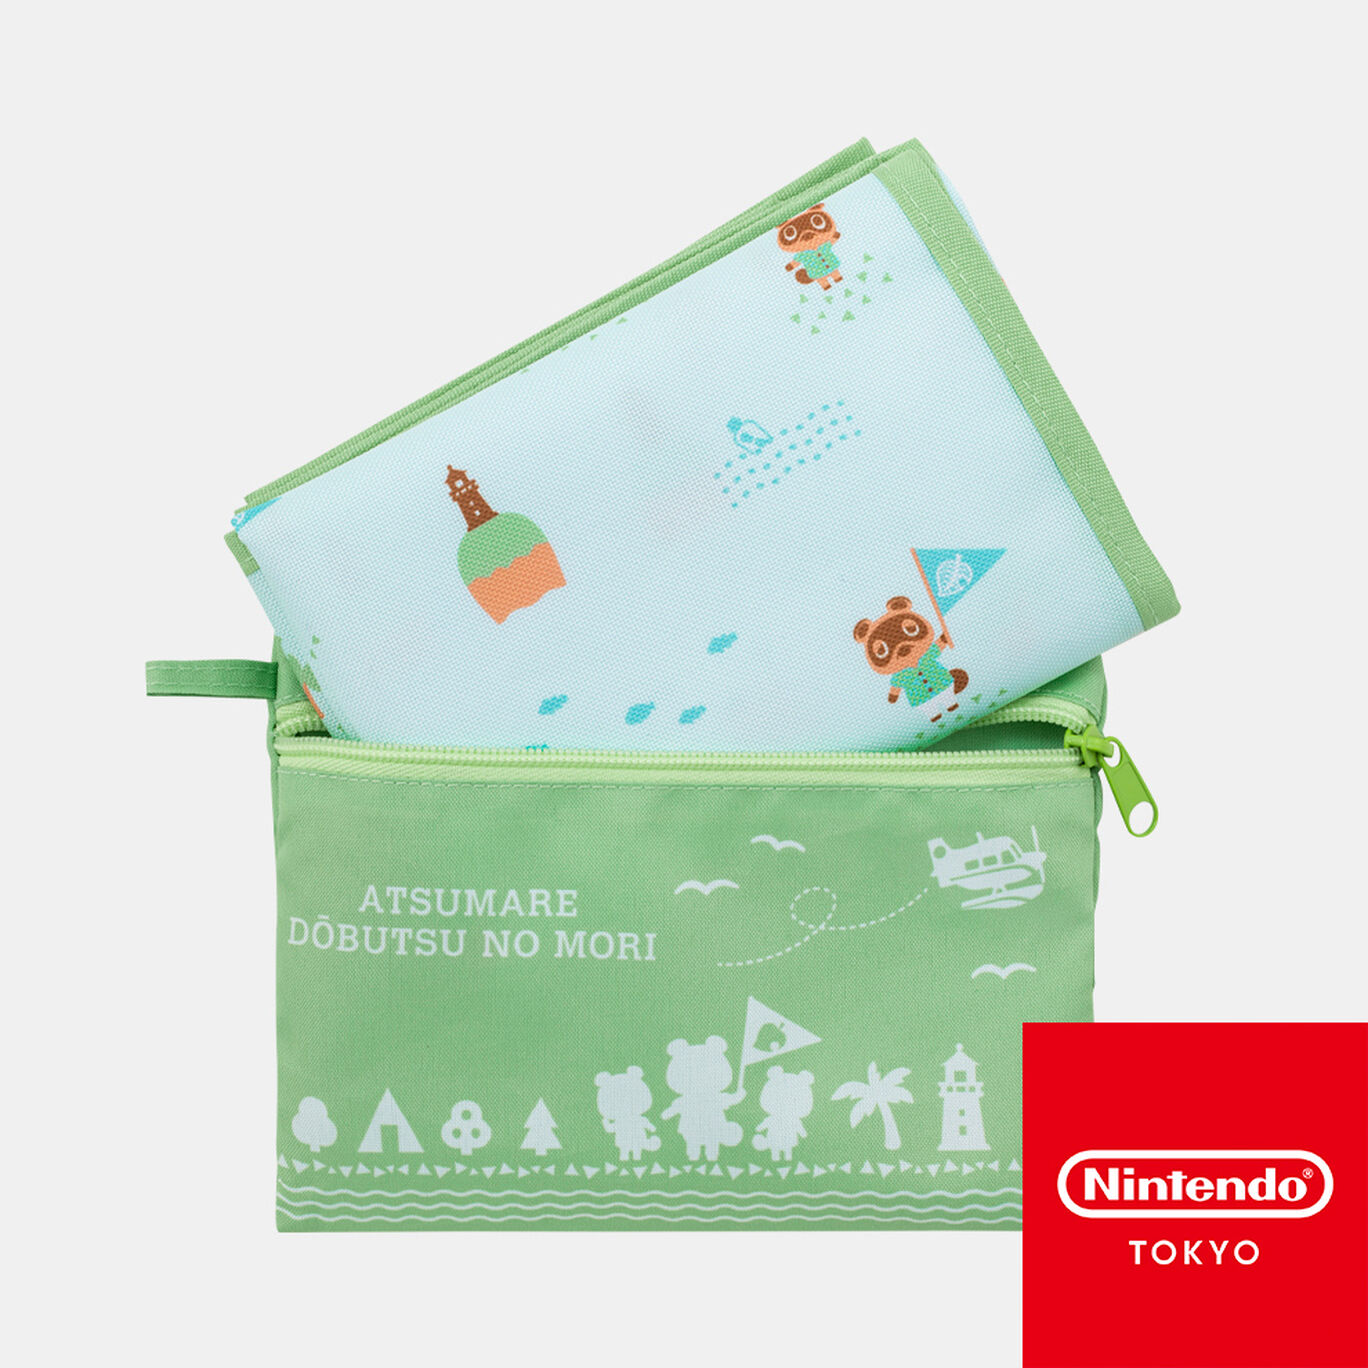 収納ポーチ付きレジャーシート あつまれ どうぶつの森【Nintendo TOKYO取り扱い商品】